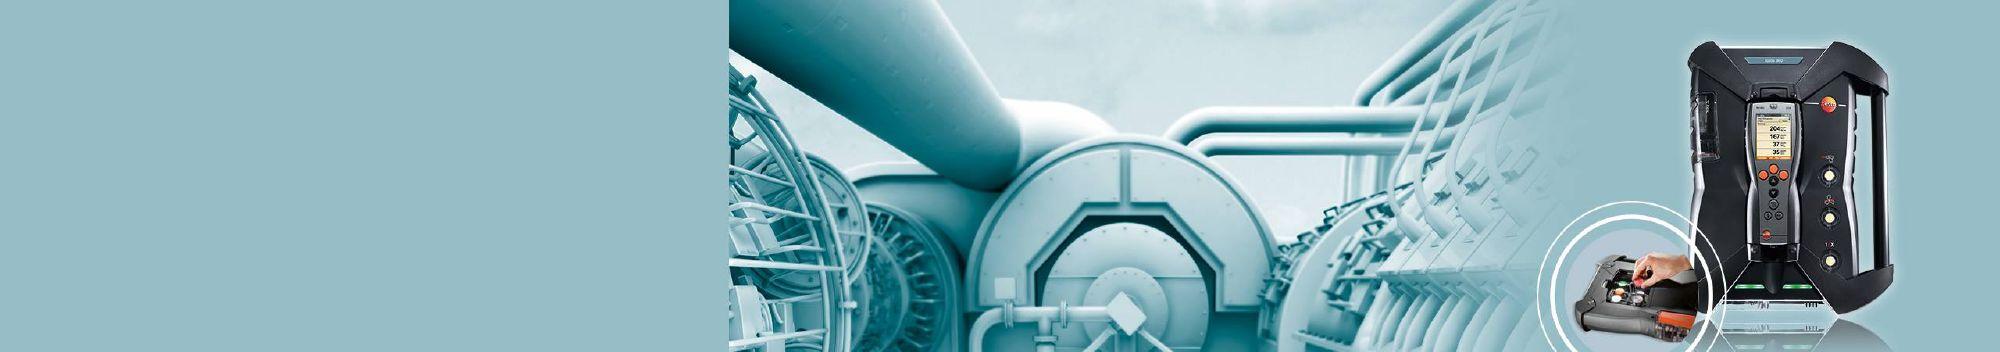 <strong>testo 350 藍色版</strong> <br/>煙氣分析 無懼干擾